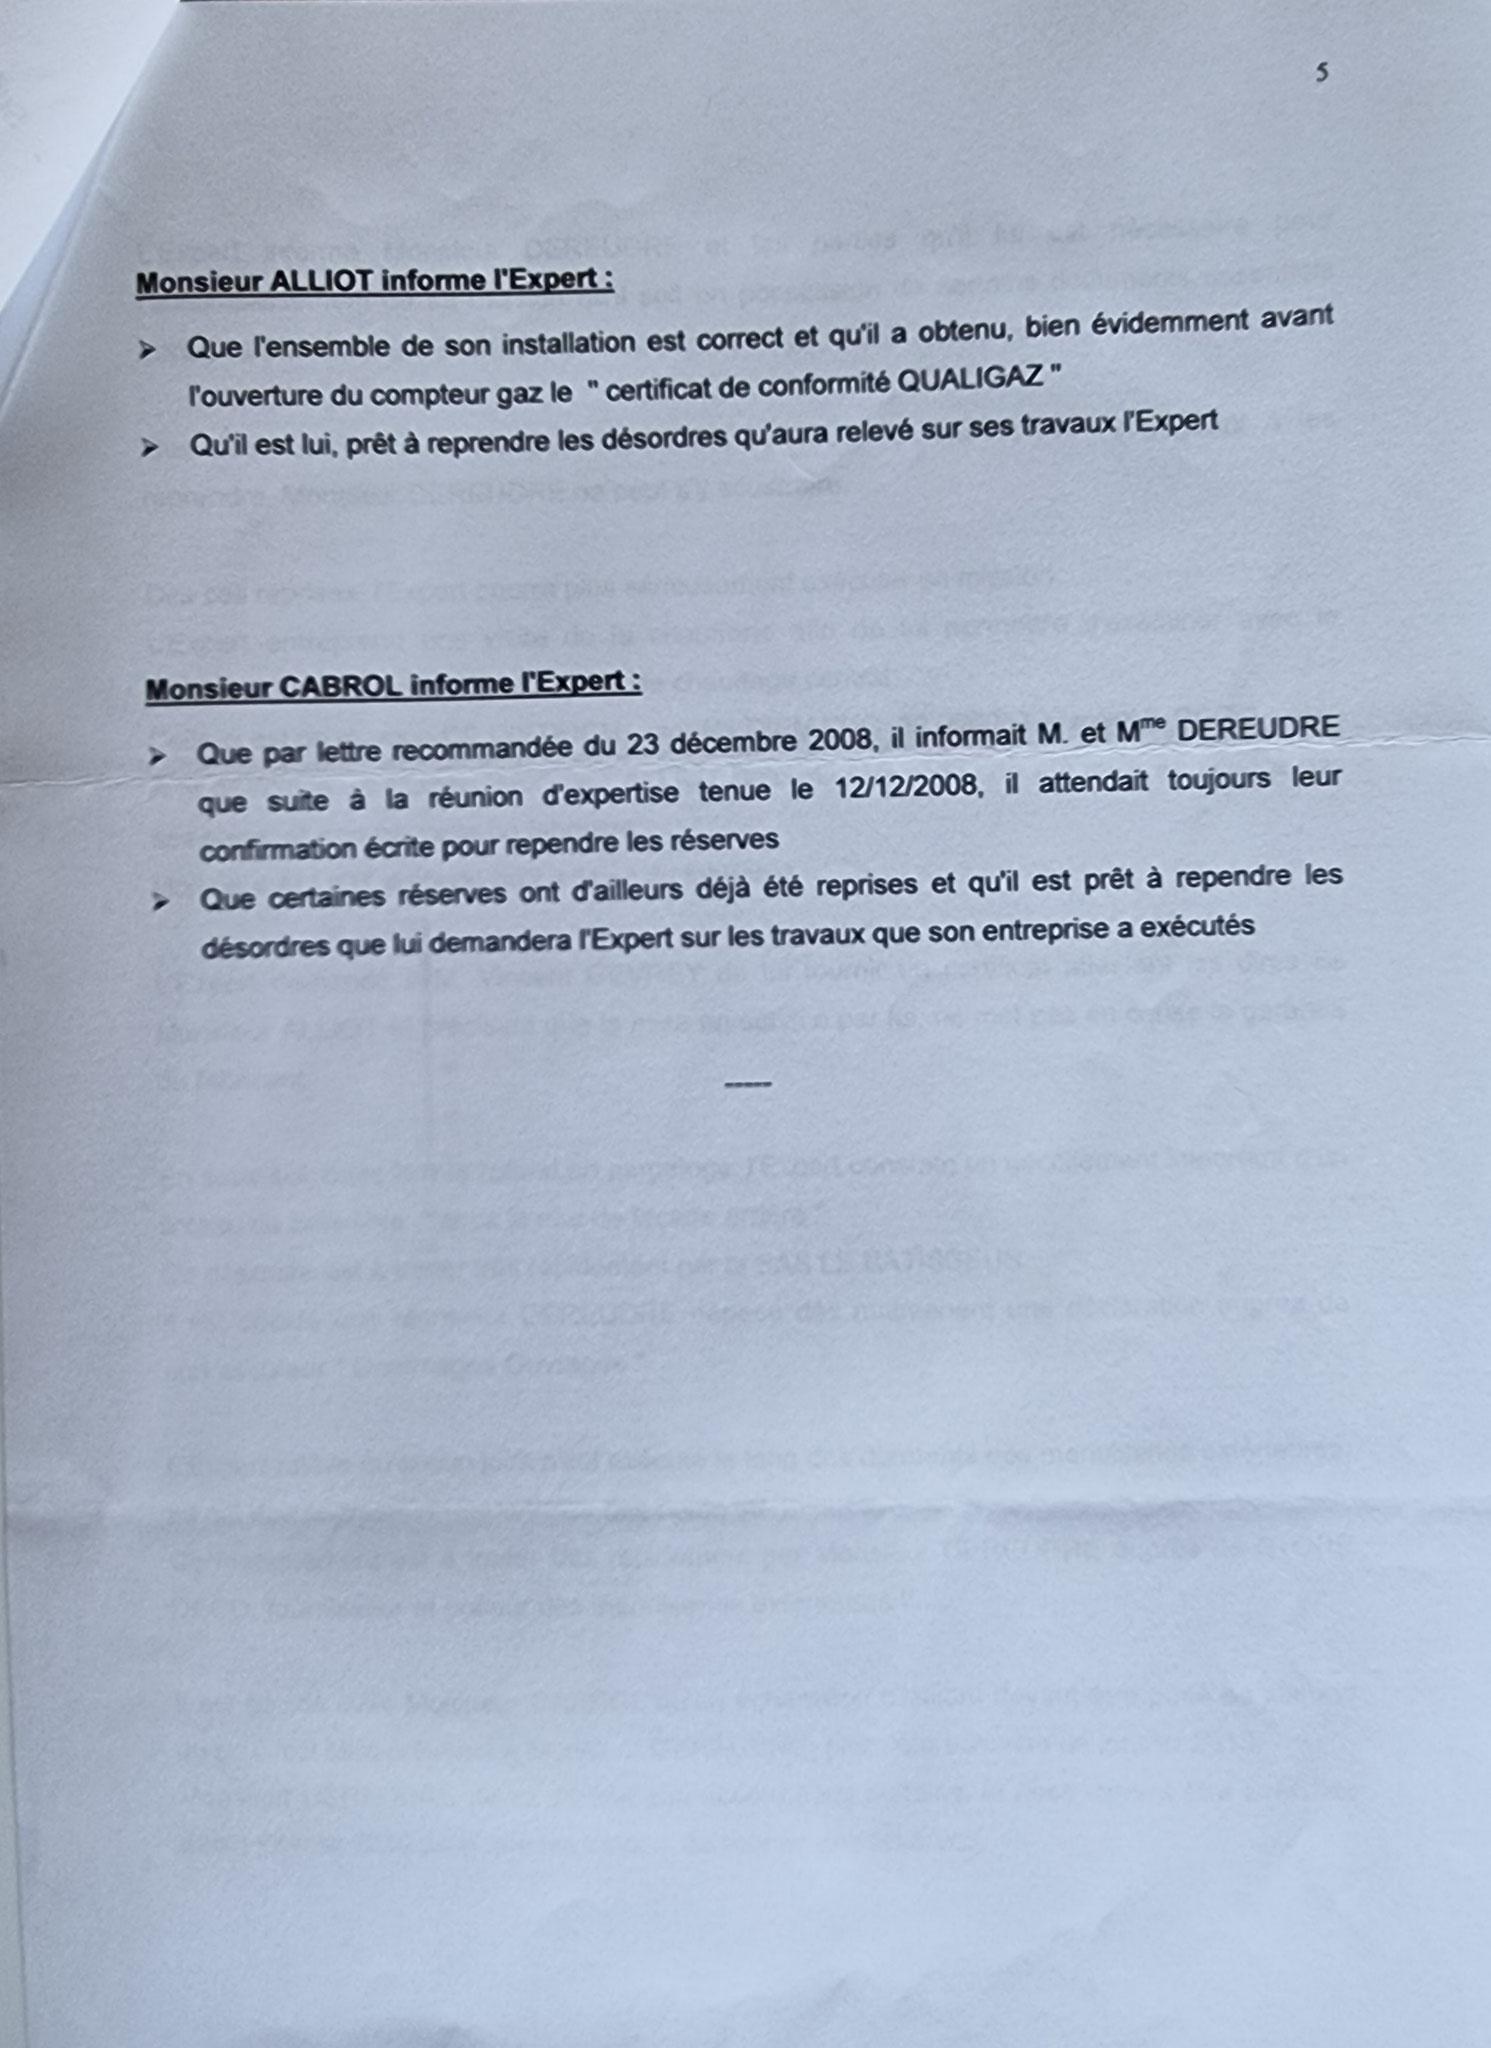 Le 29 décembre 2009 Monsieur Bernard MARRON Expert Judiciaire auprès de la Cour d'Appel d'Amiens m'adresse son premier rapport Judiciaire.  INACCEPTABLE  BORDERLINE    EXPERTISES JUDICIAIRES ENTRE COPAINS... www.jesuisvictime.fr www.jesuispatrick.fr